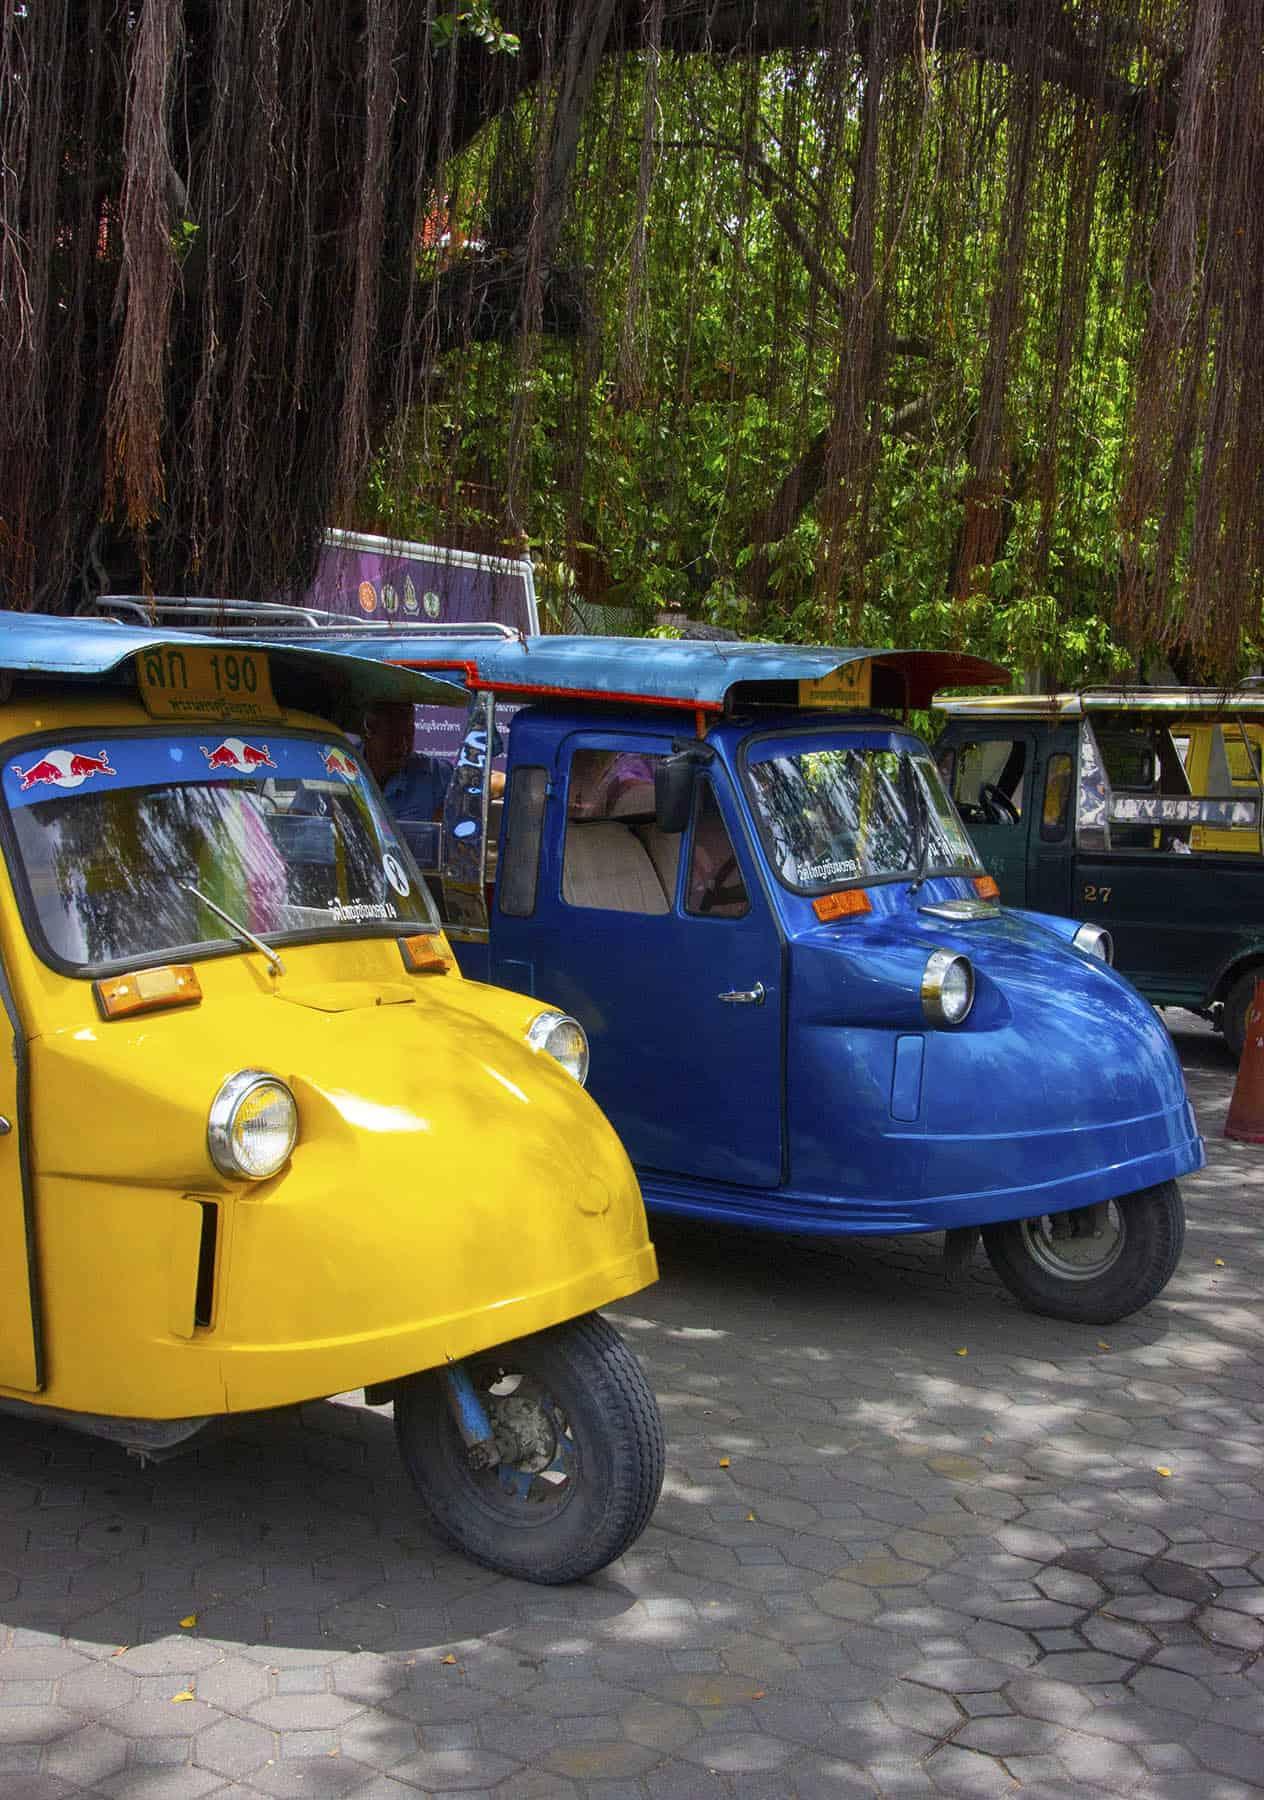 Tuk tuk in Ayutthaya